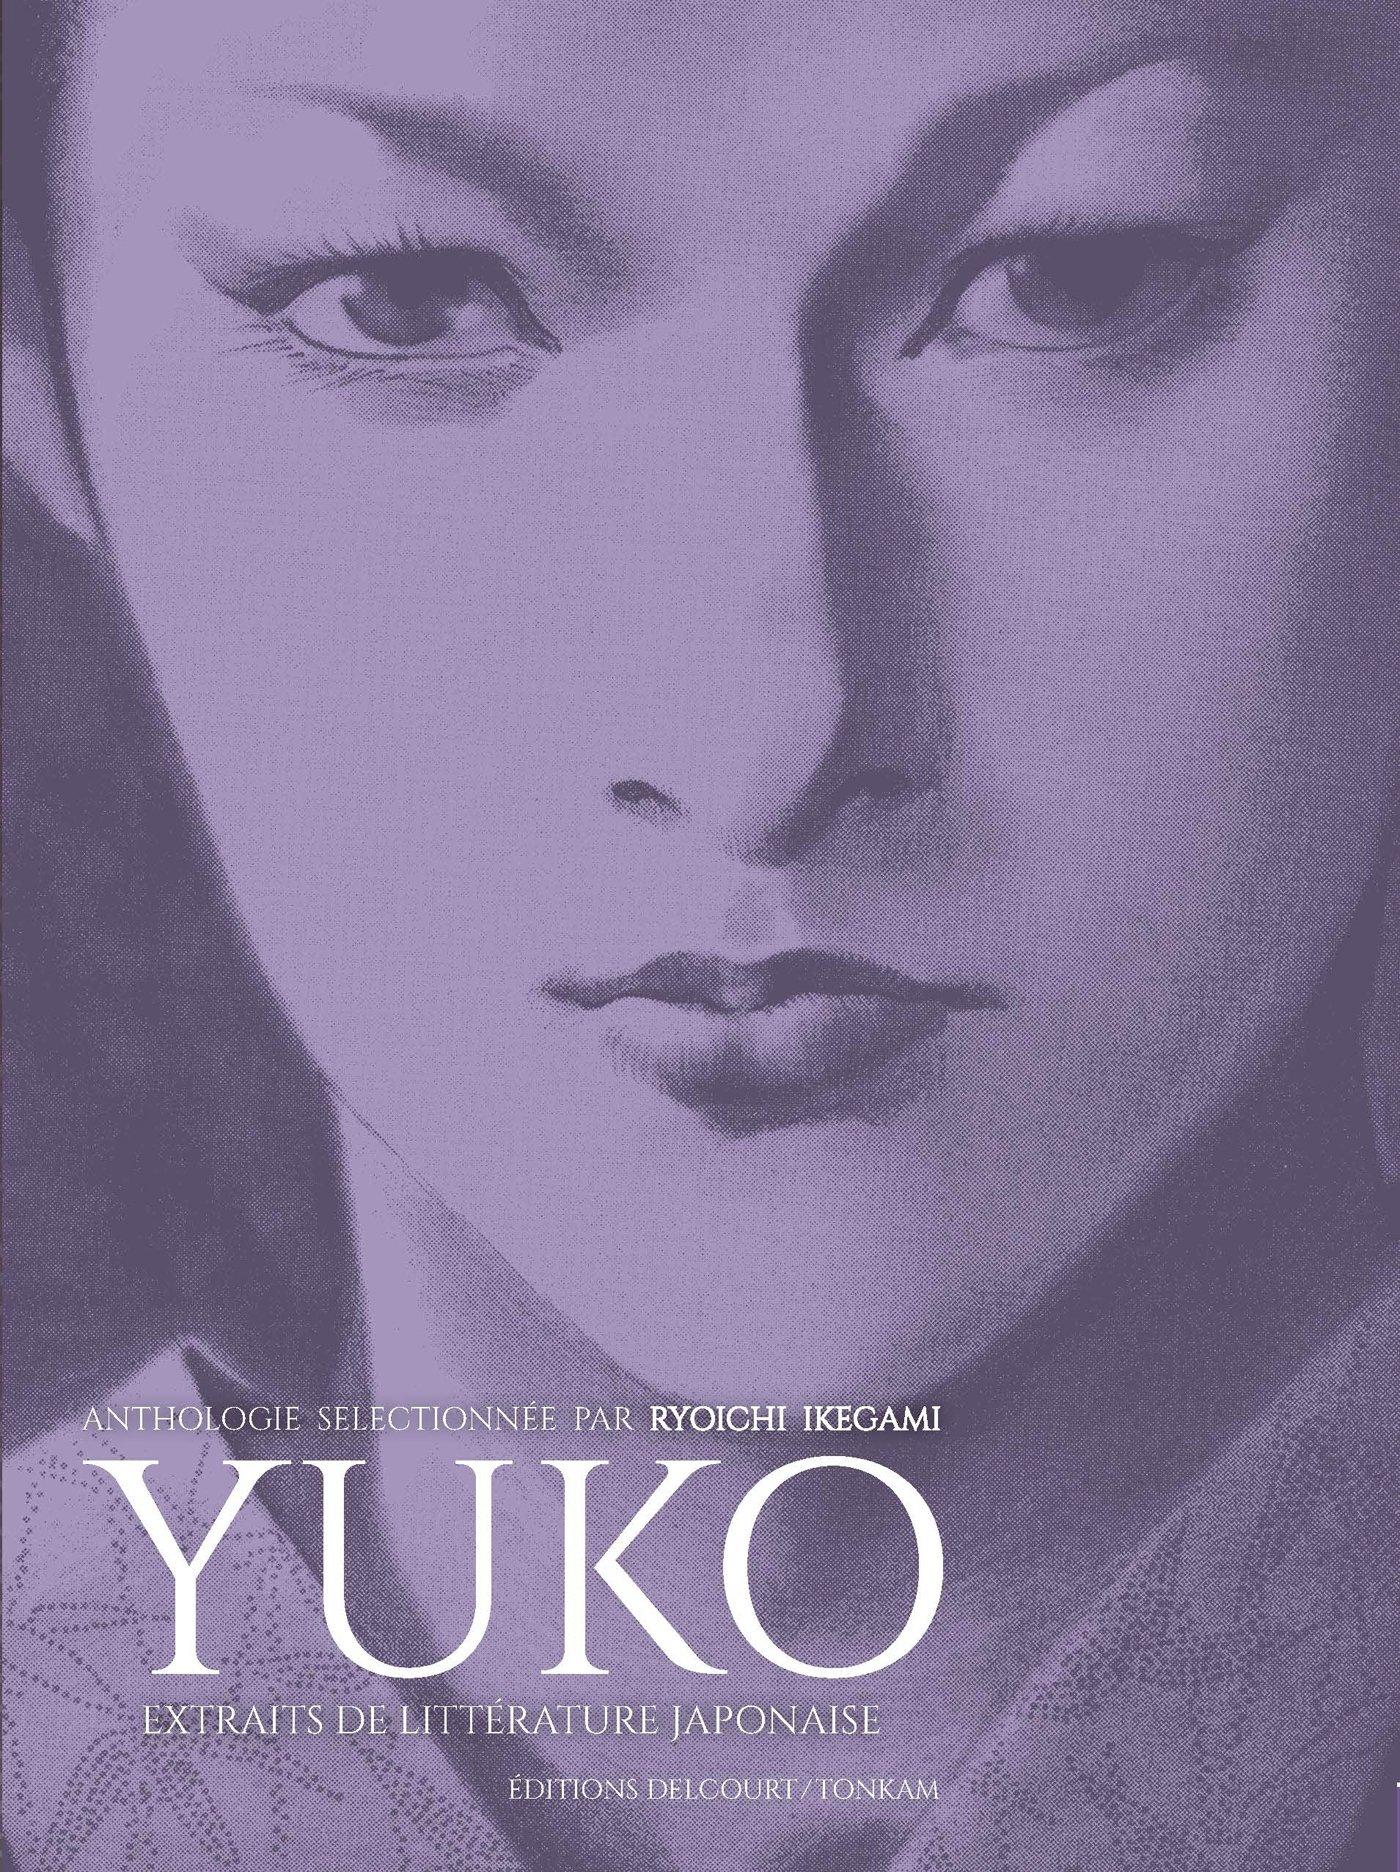 Yuko - Extraits de littérature japonaise 1